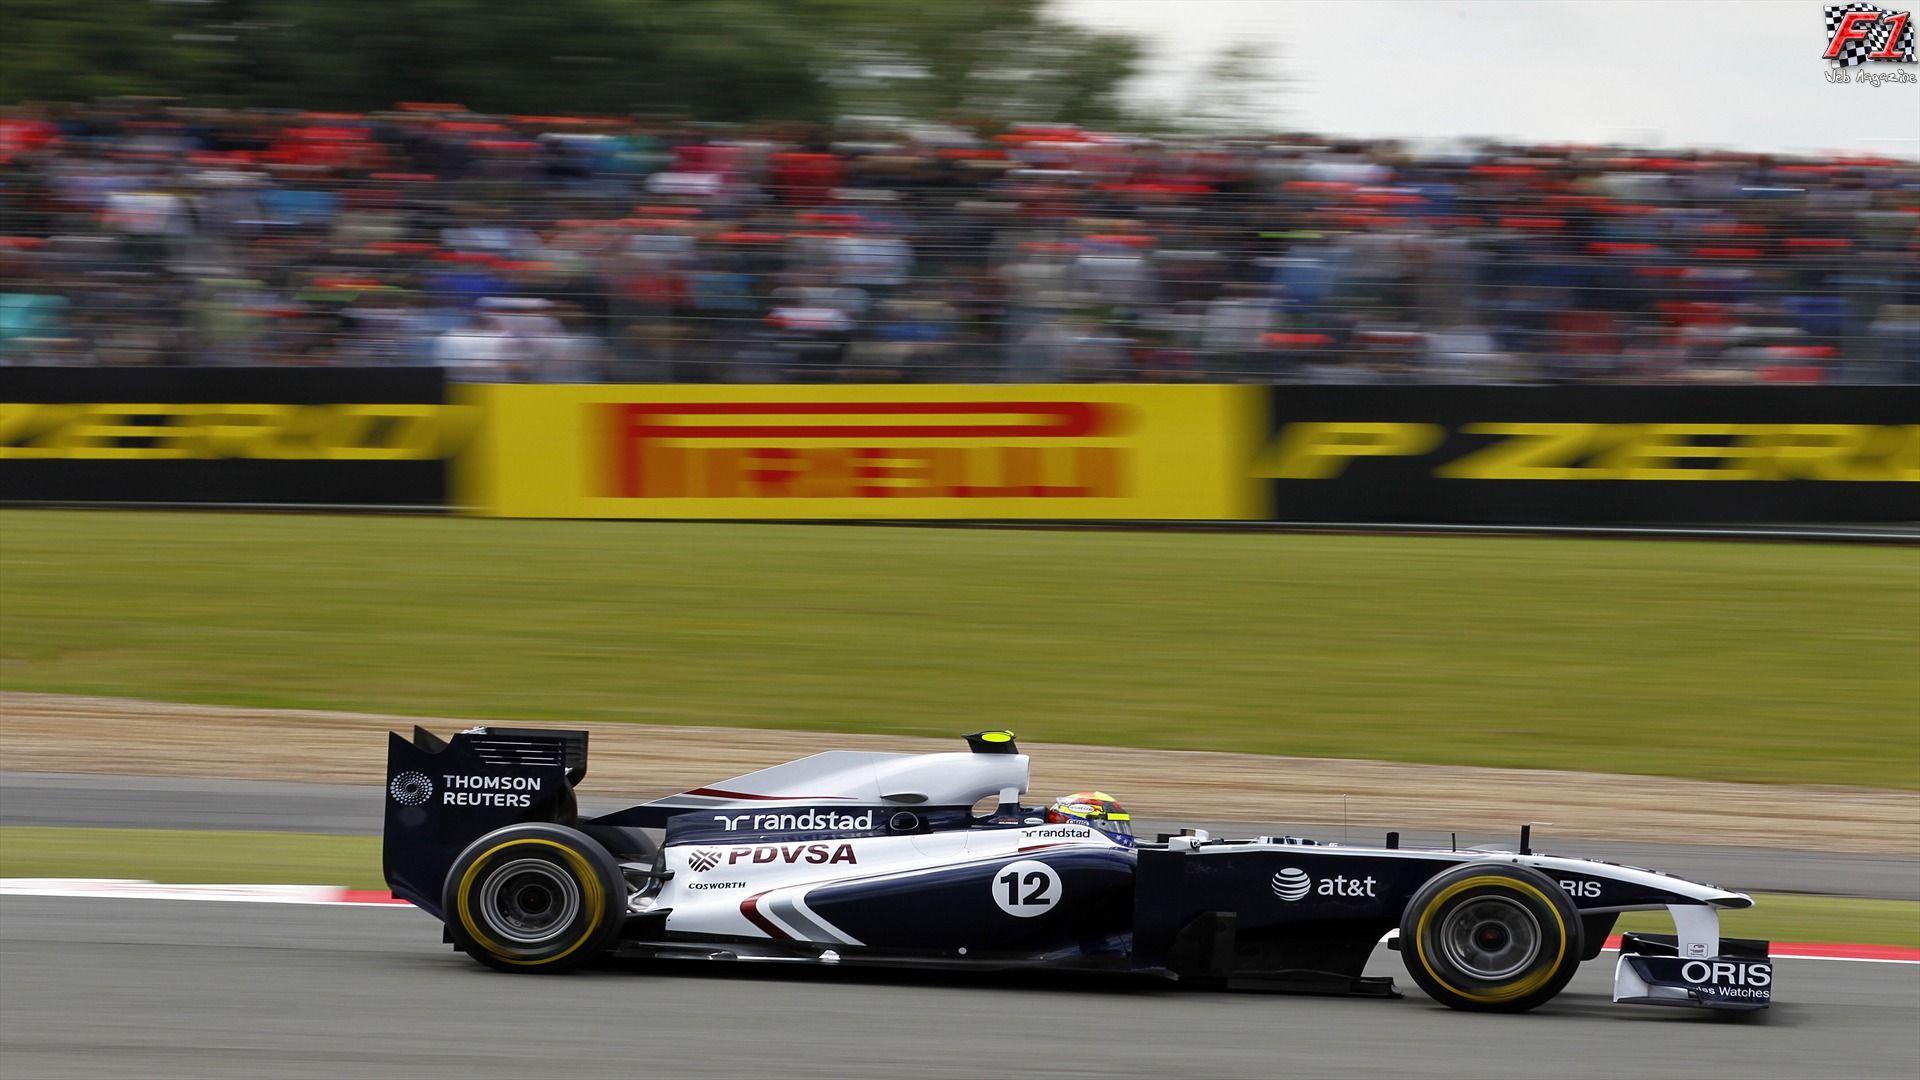 Gp Gran Bretagna - Qualifiche - CS Pirelli